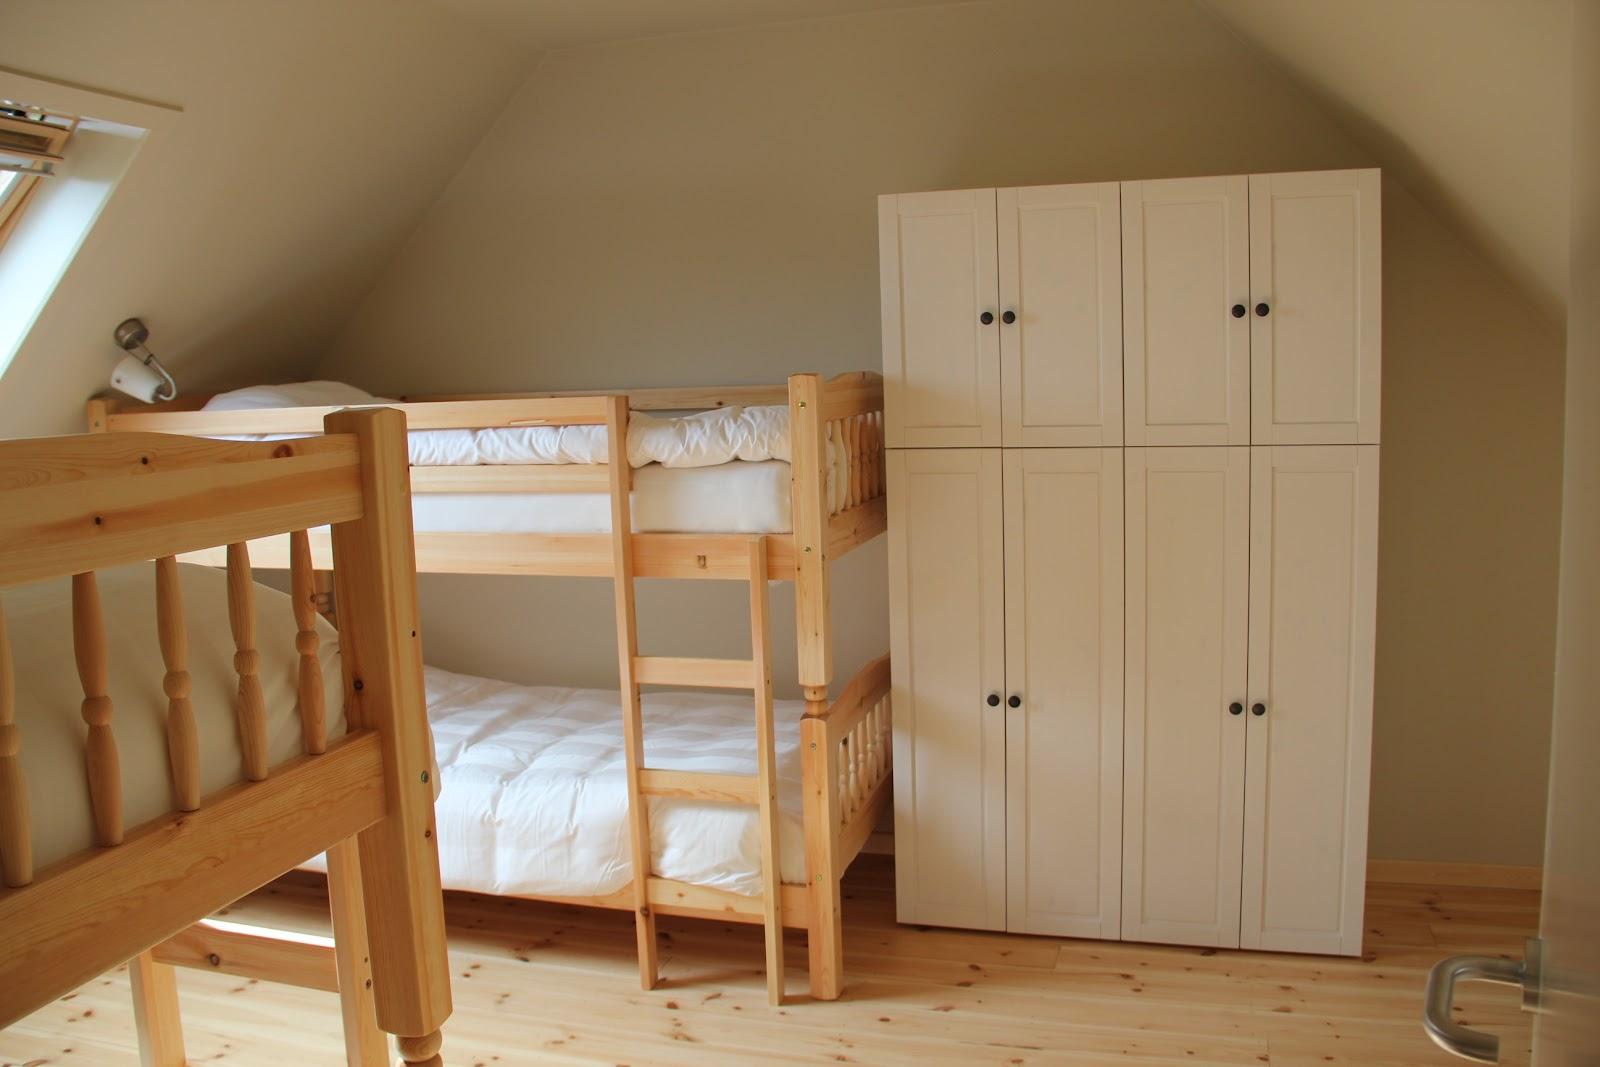 vakantiehuizen aan zee de panne belgische kust 5 slaapkamers govilla